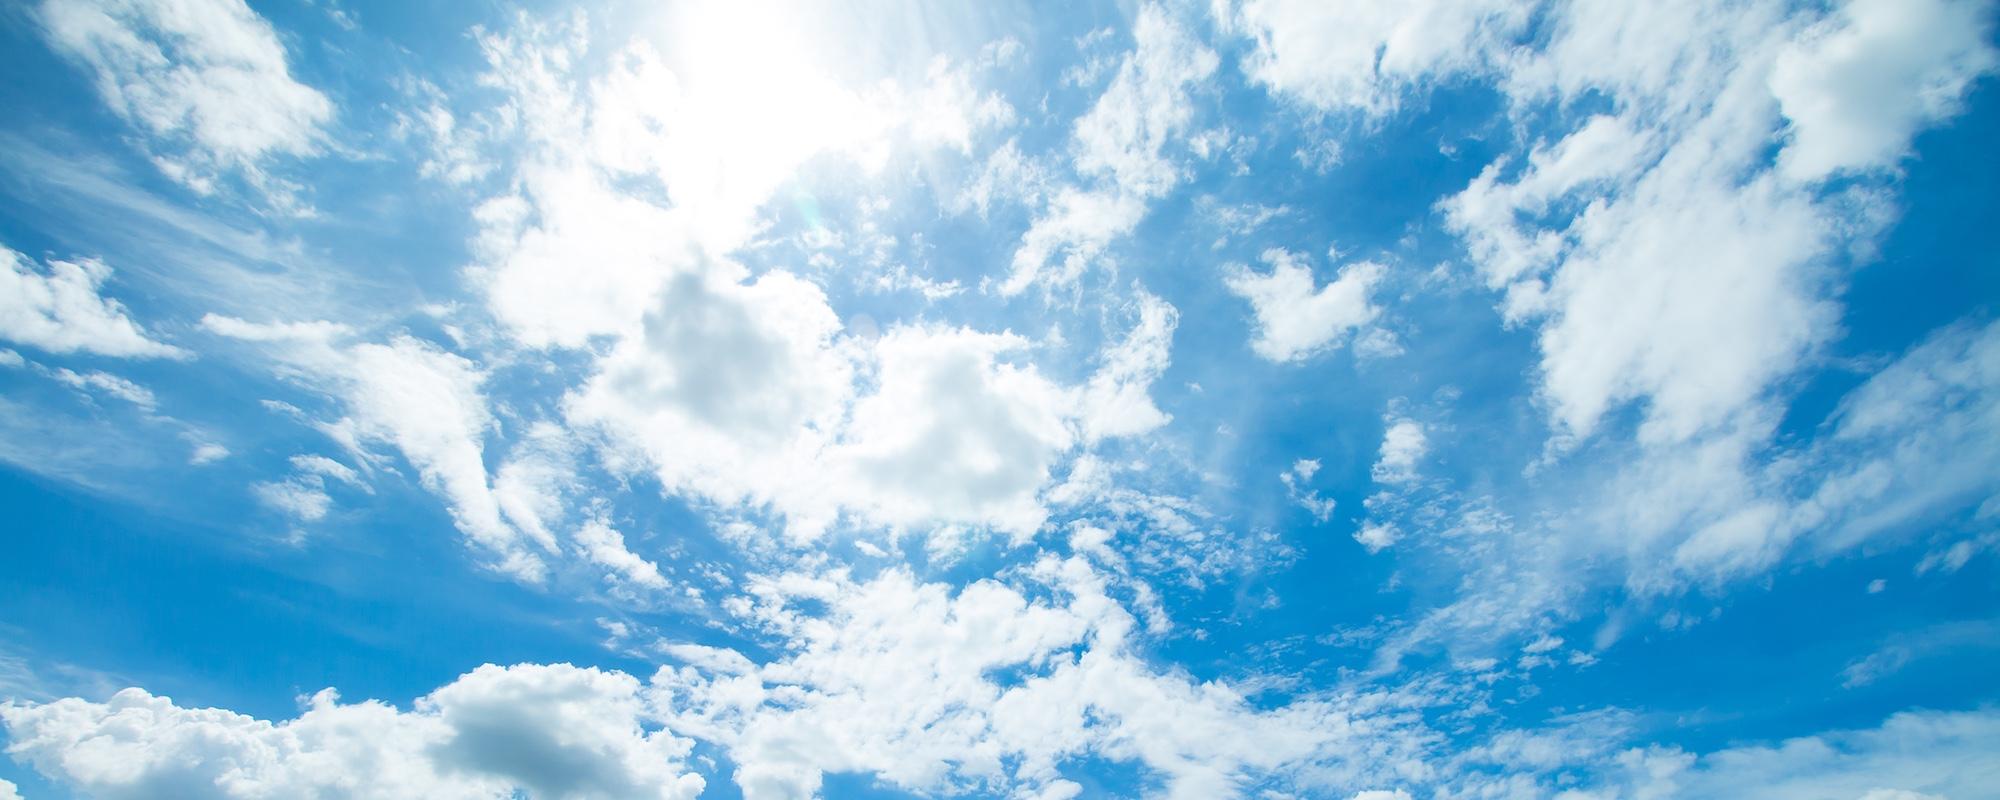 Kết quả hình ảnh cho cloud